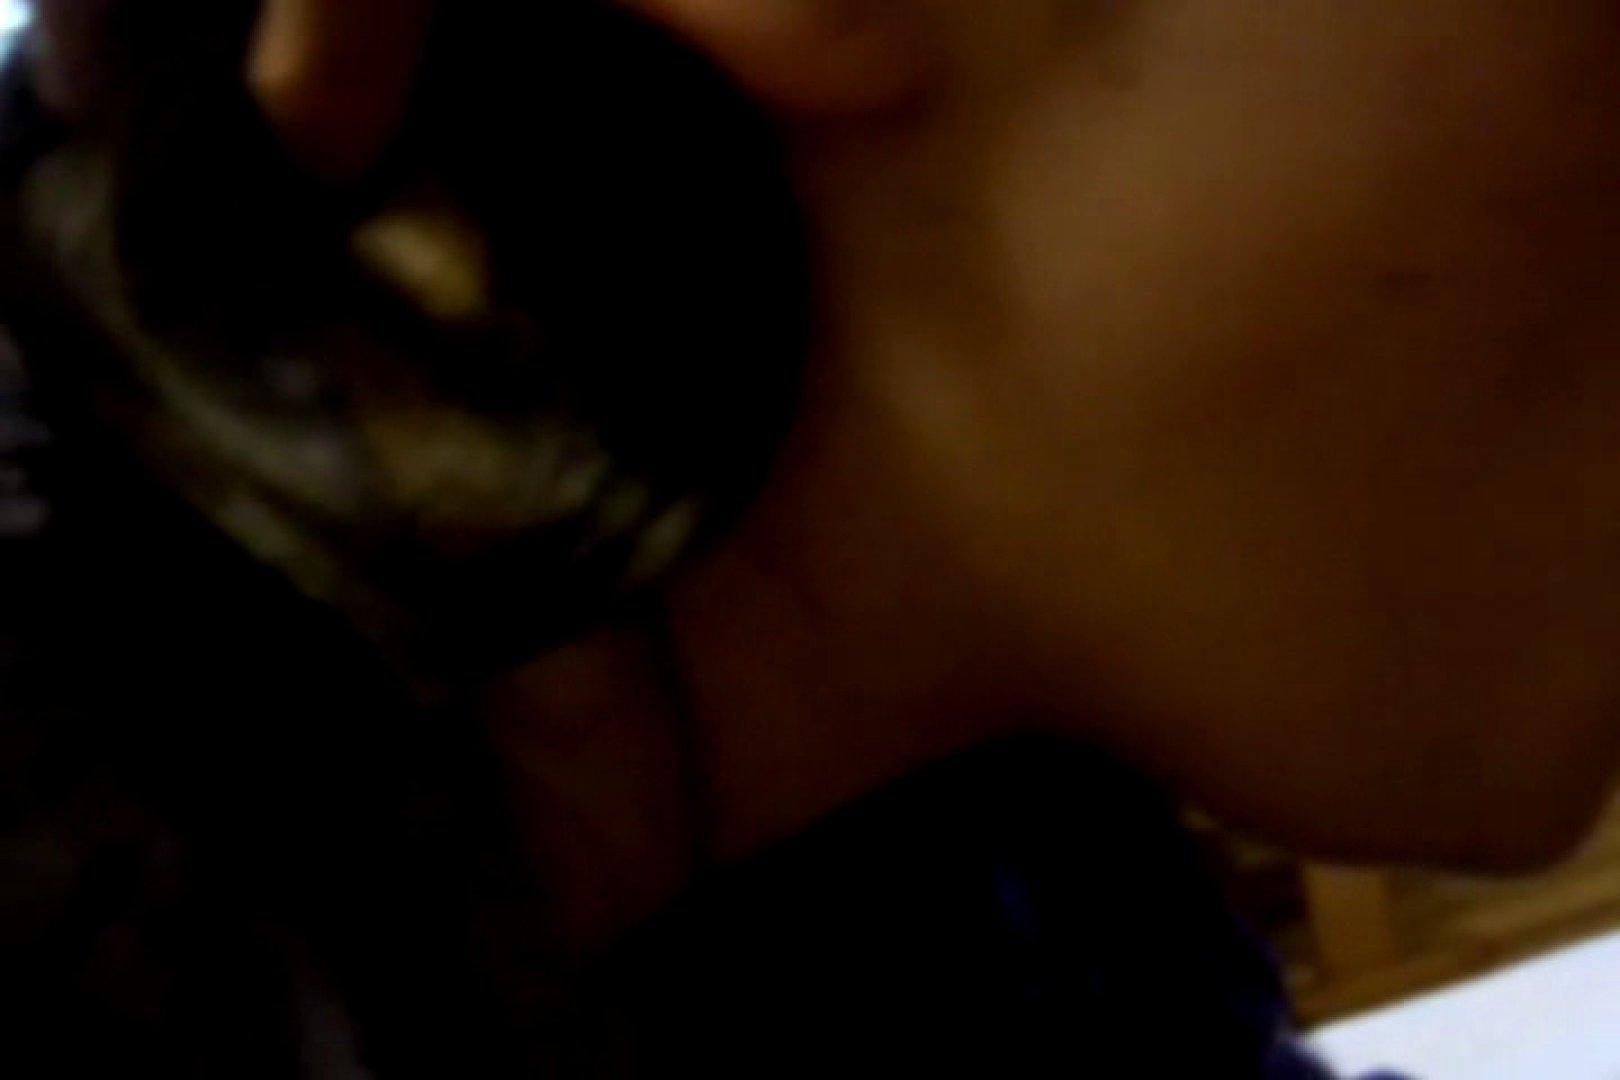 ウイルス流出 レオ&マンコのアルバム 可愛い浴衣 | 流出作品  105pic 56